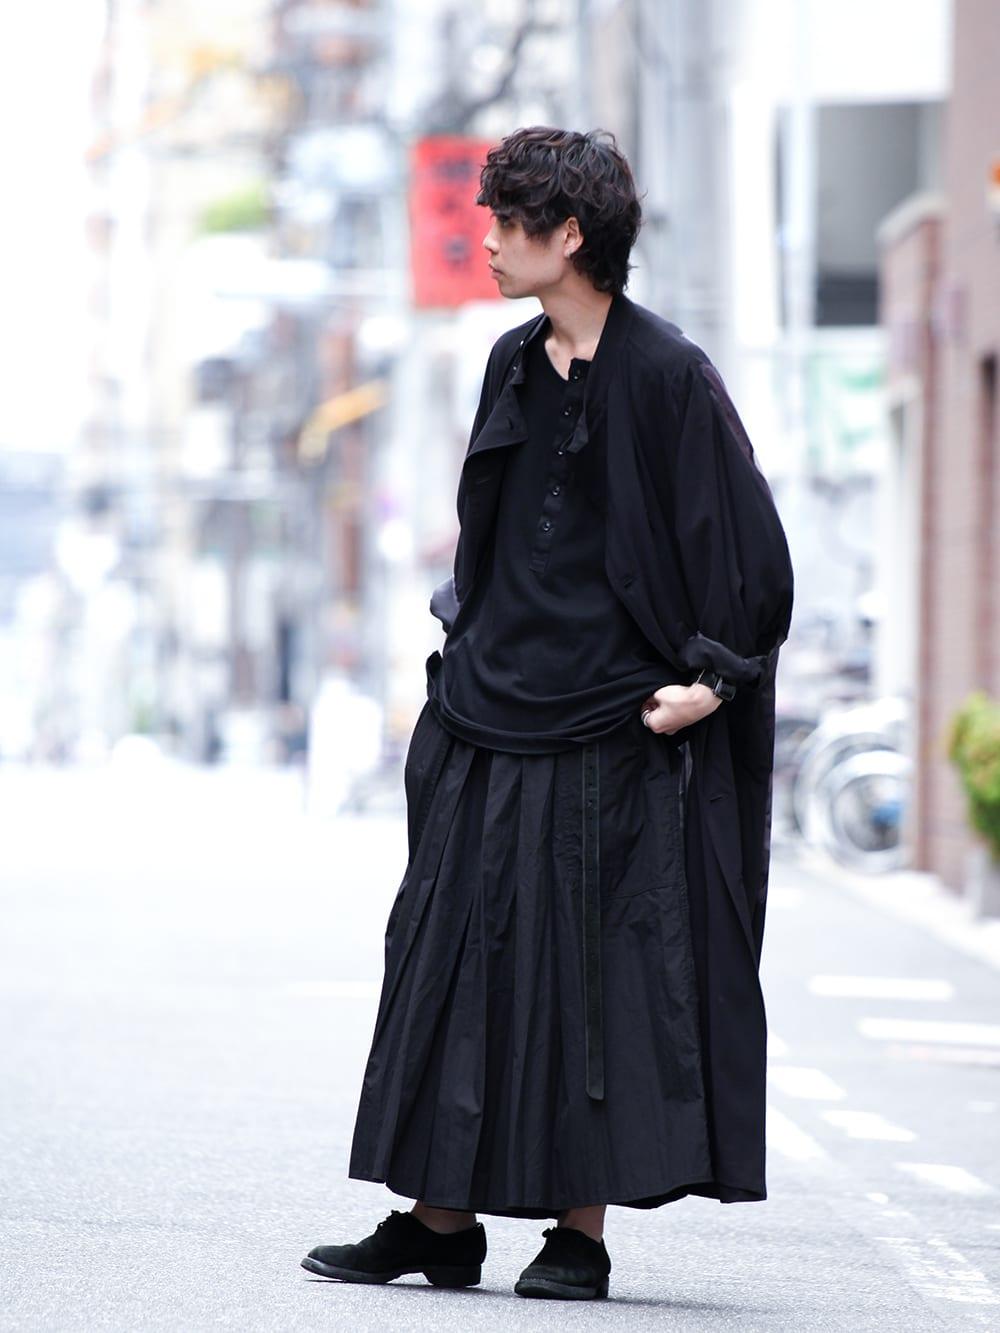 Yohji Yamamoto 19SS HAKAMA Pants 2Way Coordinate - 1-002